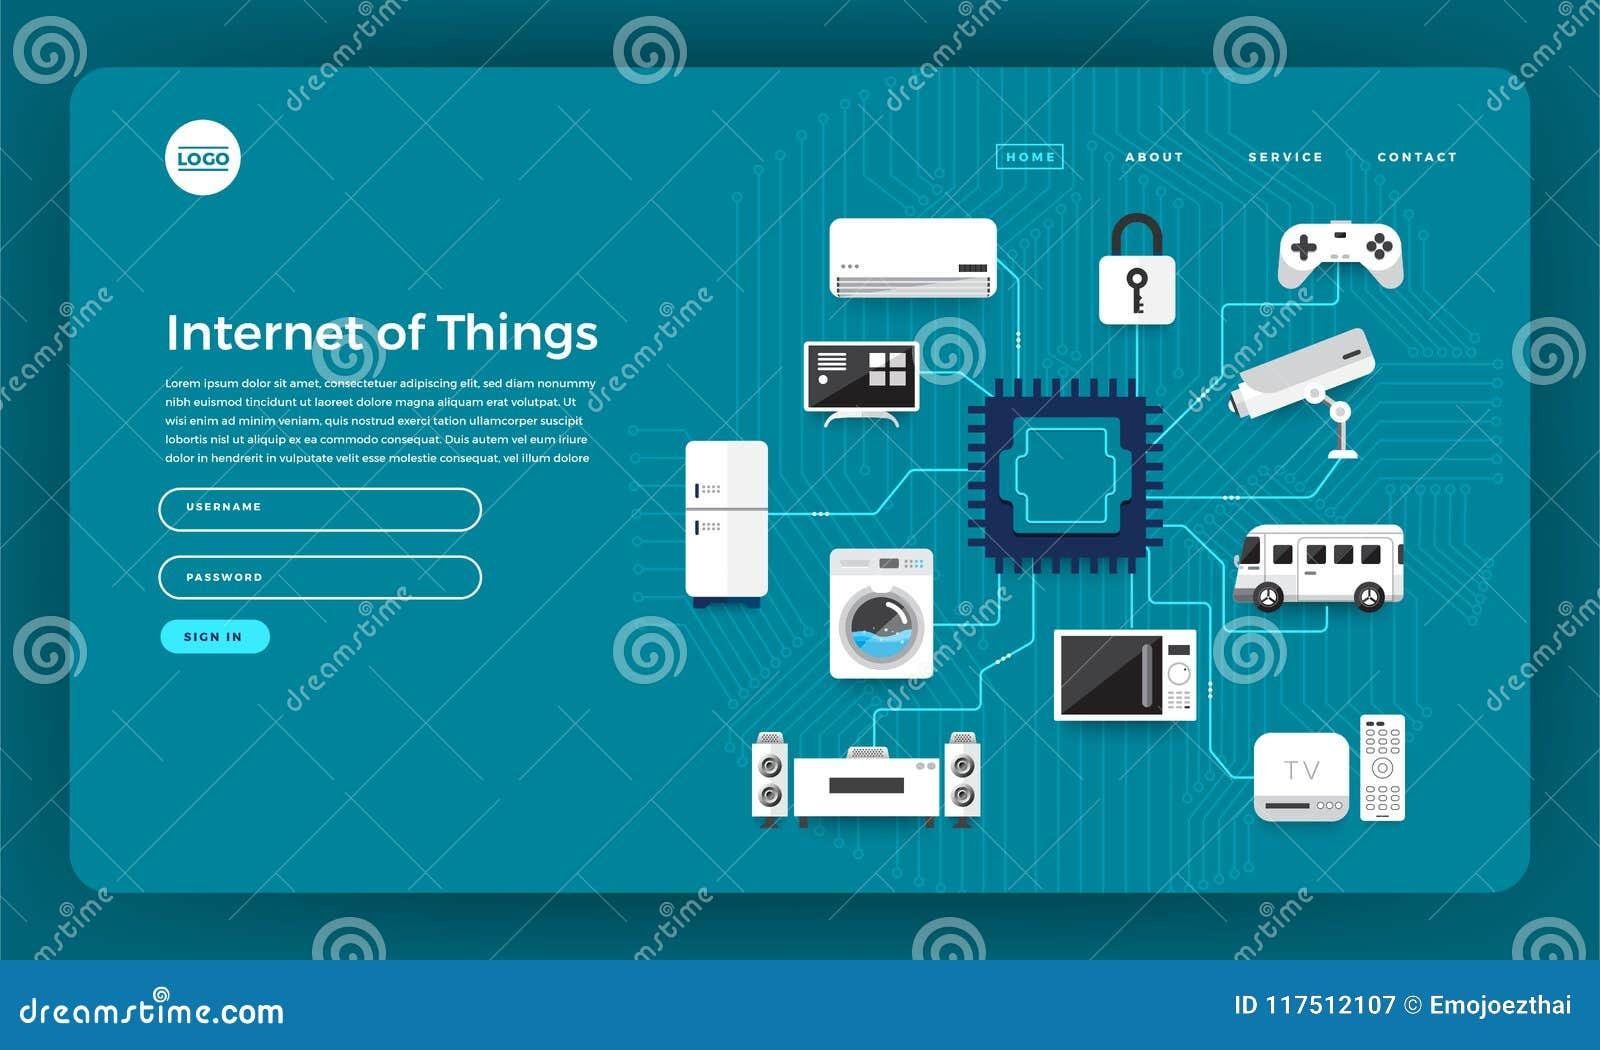 Επίπεδη έννοια σχεδίου ιστοχώρου σχεδίου προτύπων Διαδίκτυο των πραγμάτων (Ι